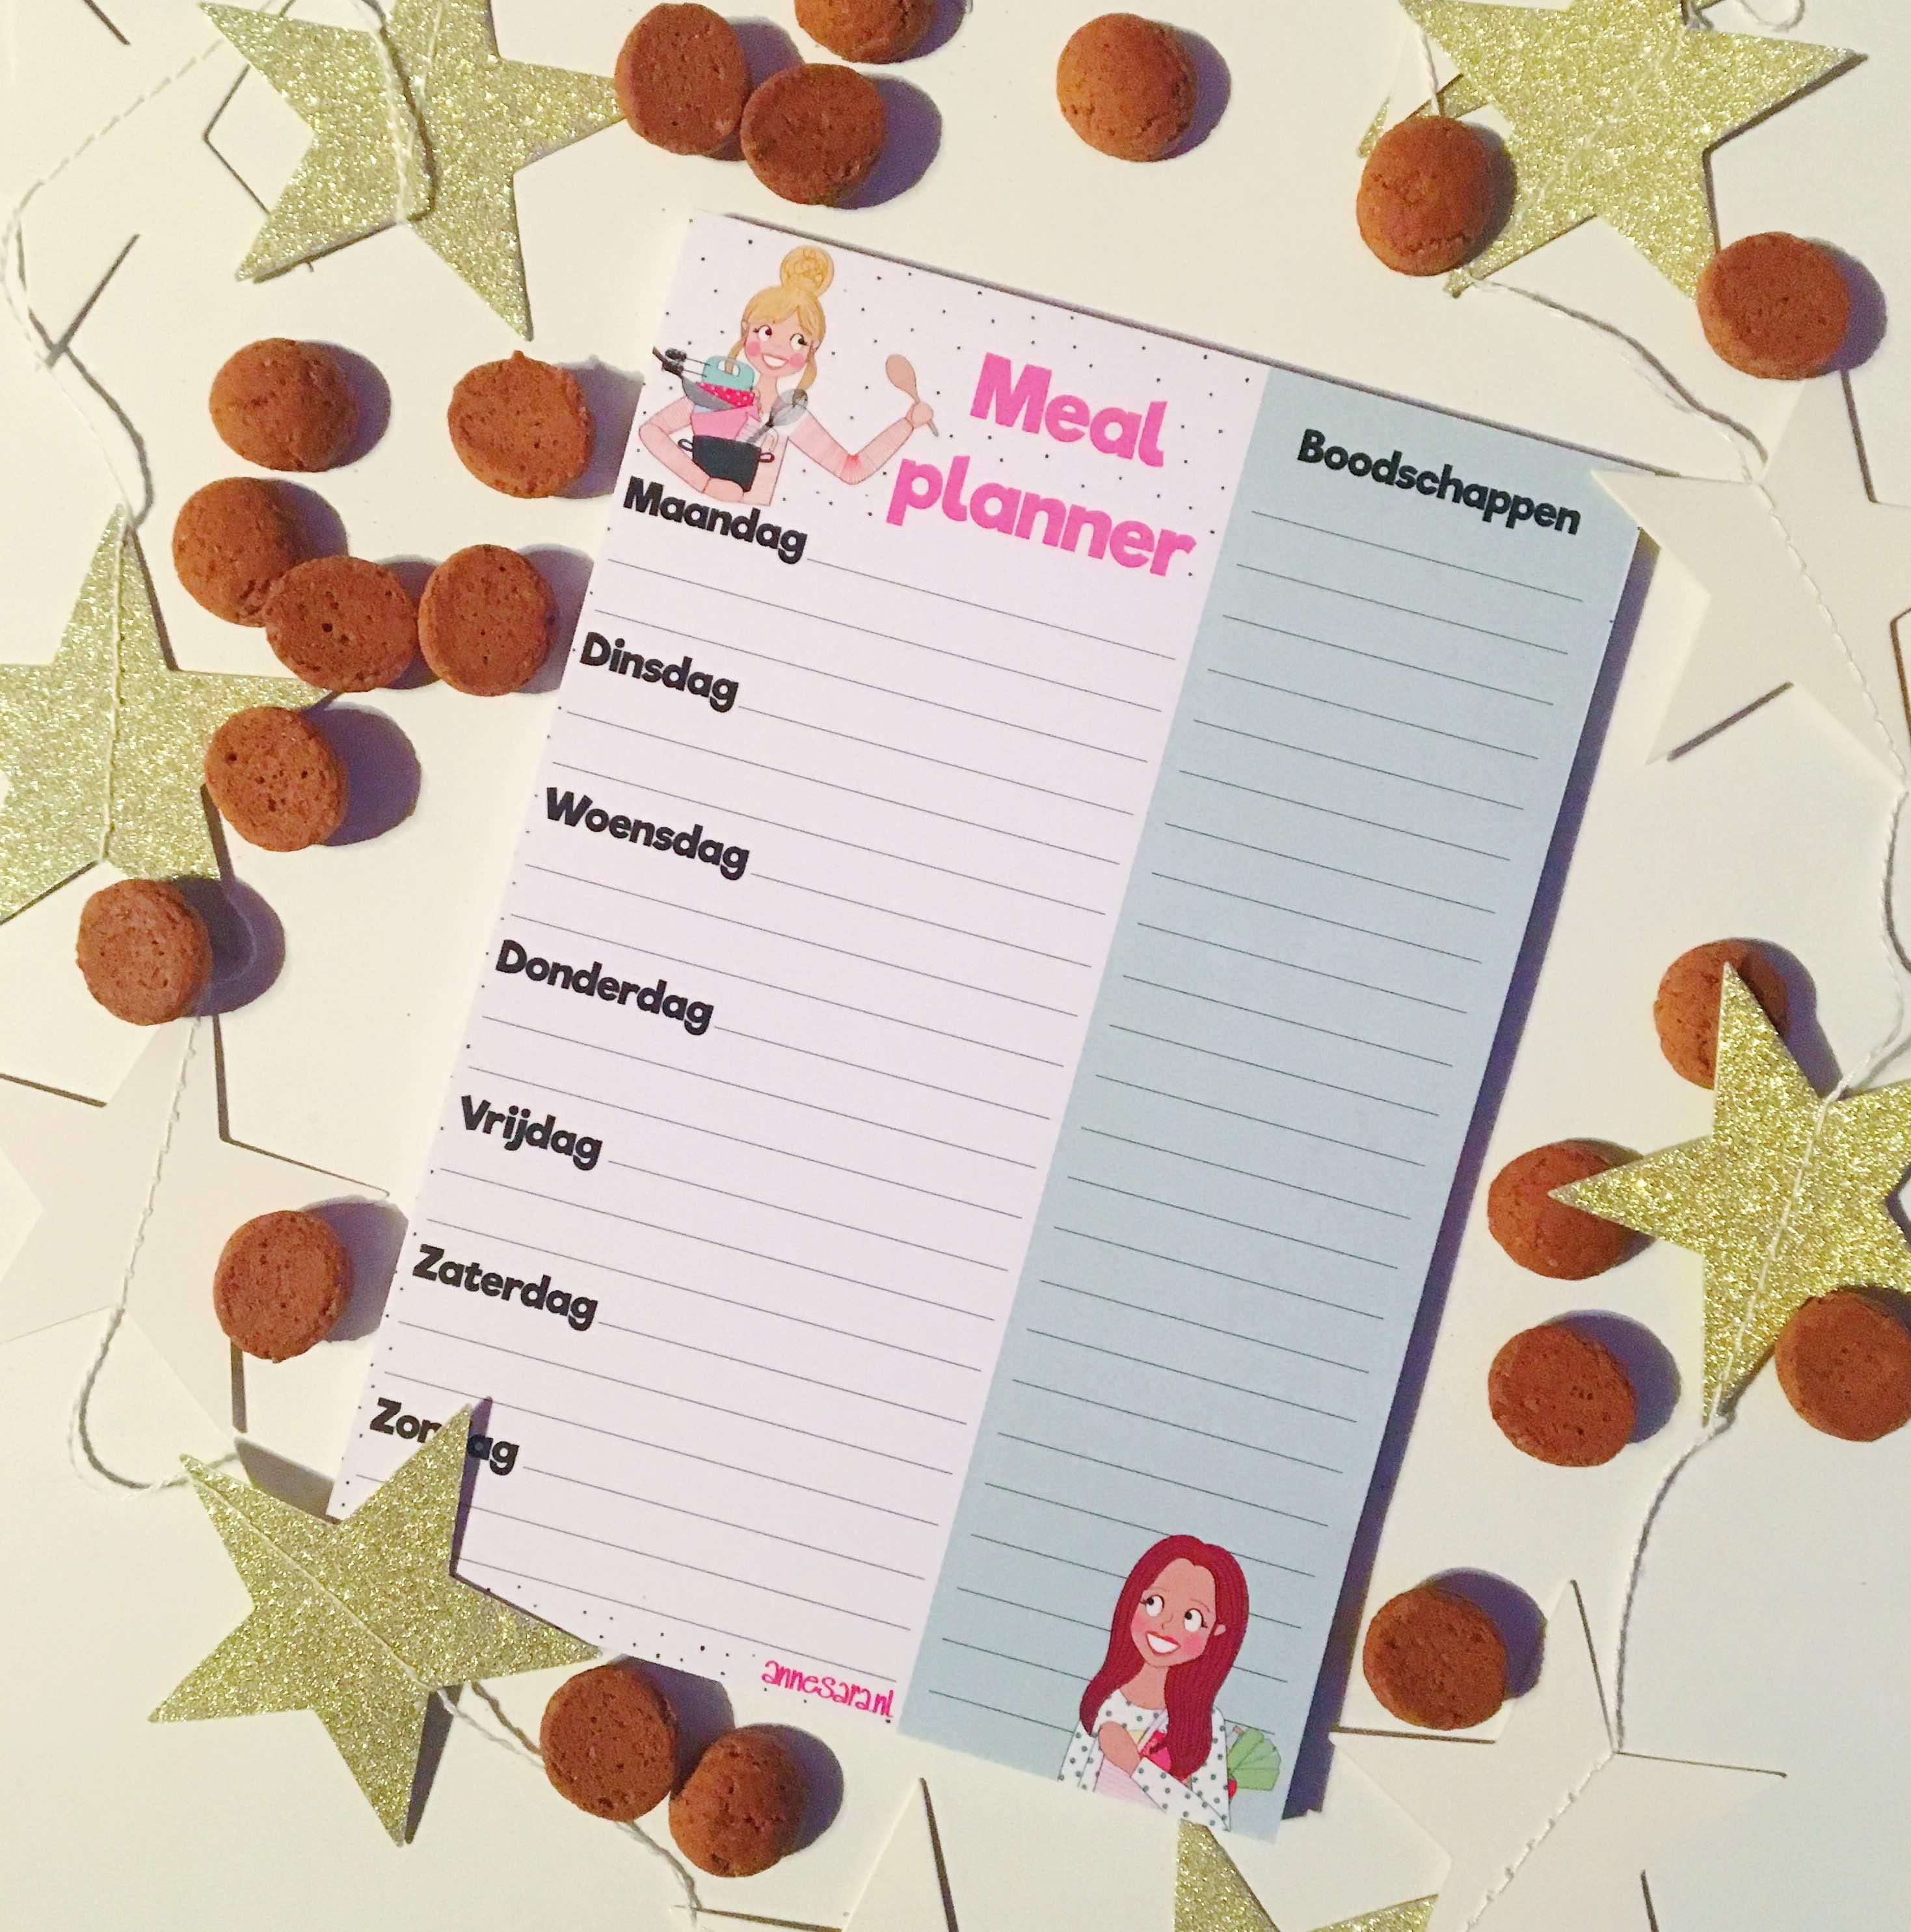 Adventkalender: Winactie Mealplanner